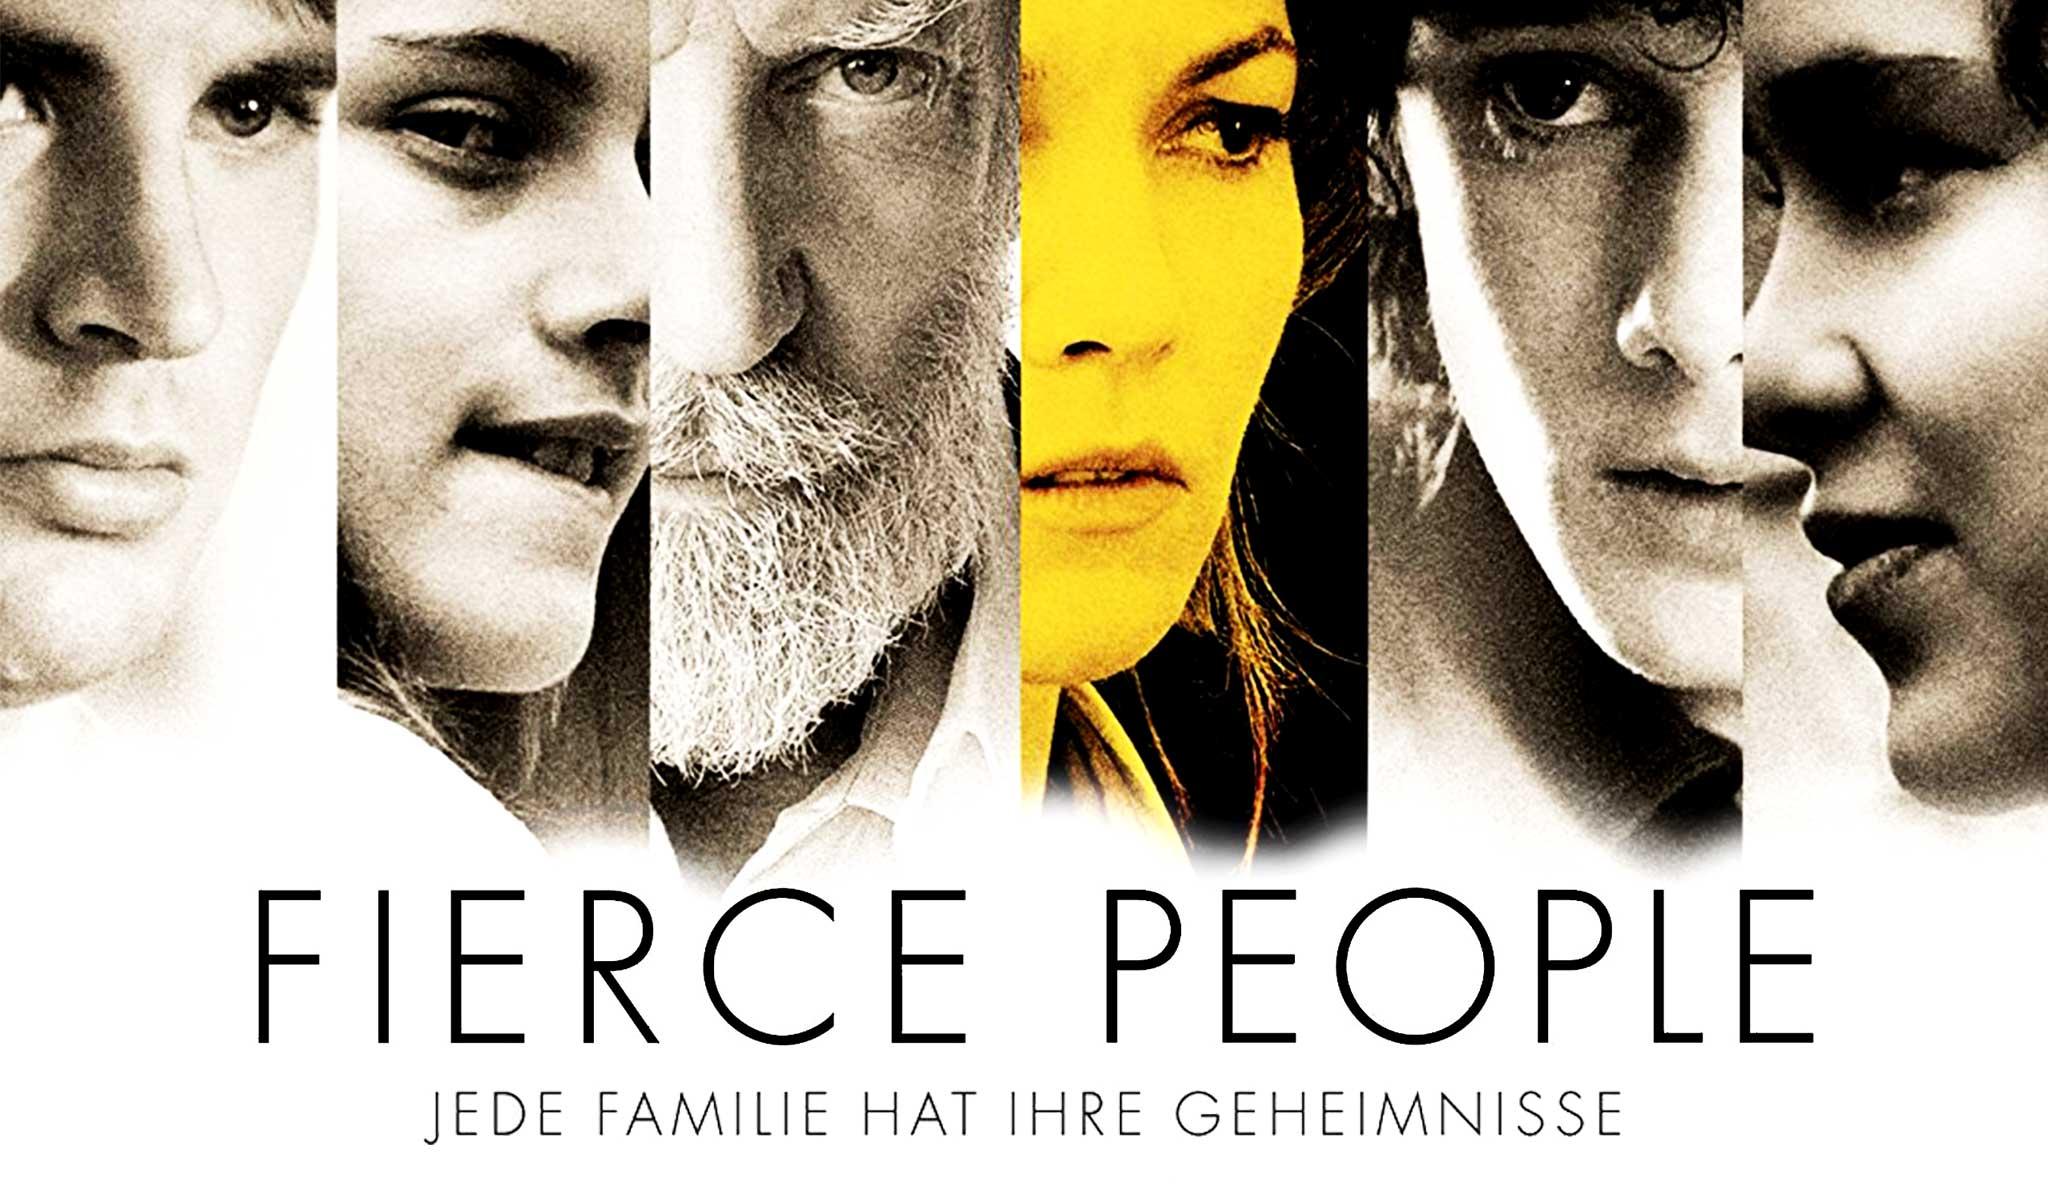 fierce-people-jede-familie-hat-ihre-geheimnisse\header.jpg